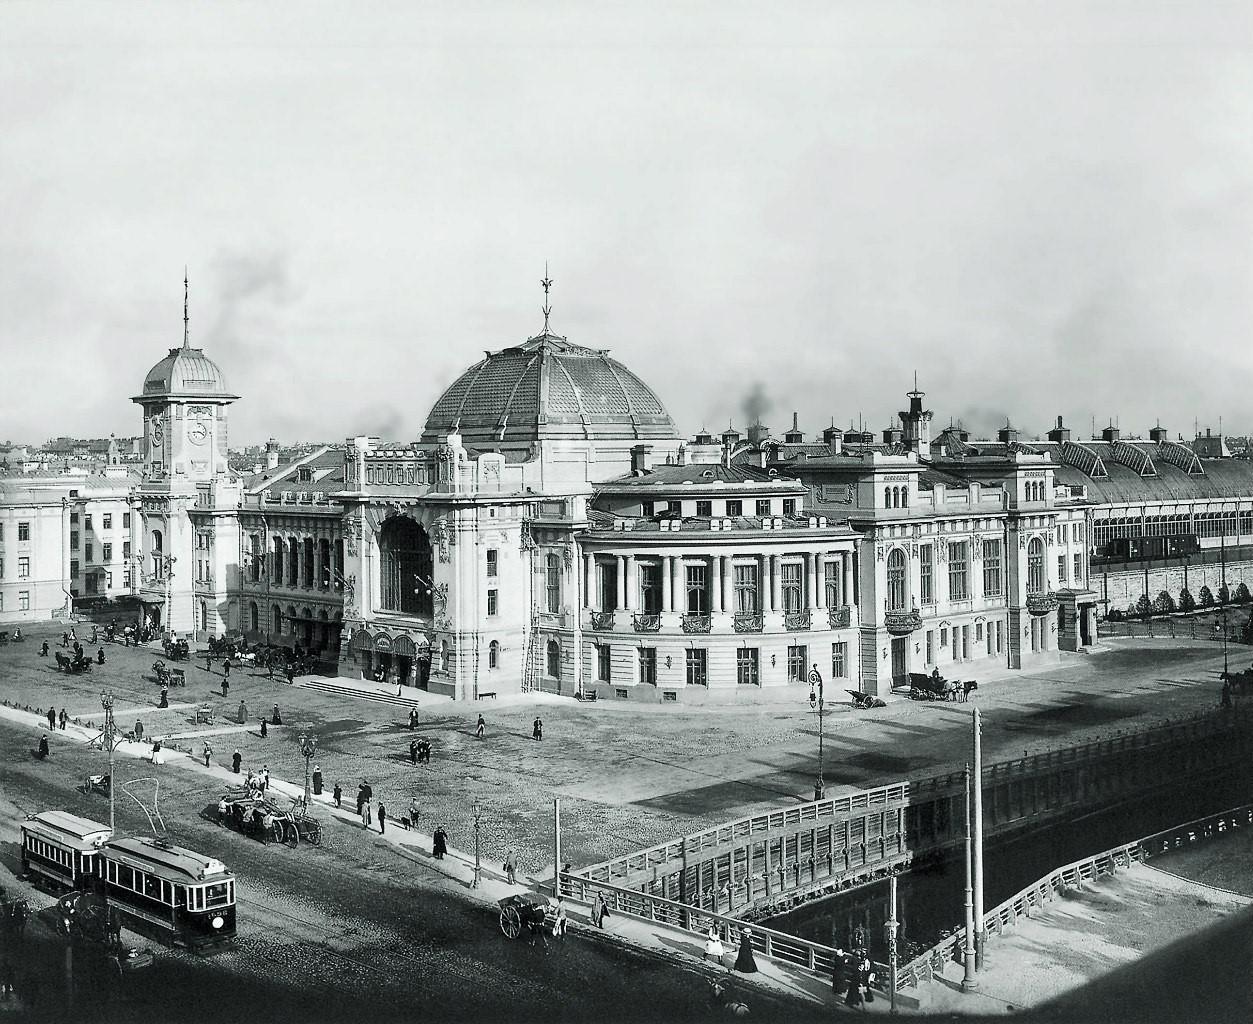 Царскосельский вокзал Петербурга. Где-то здесь 7 мая 1901 года при весьма странных обстоятельствах погиб Алексей Алчевский